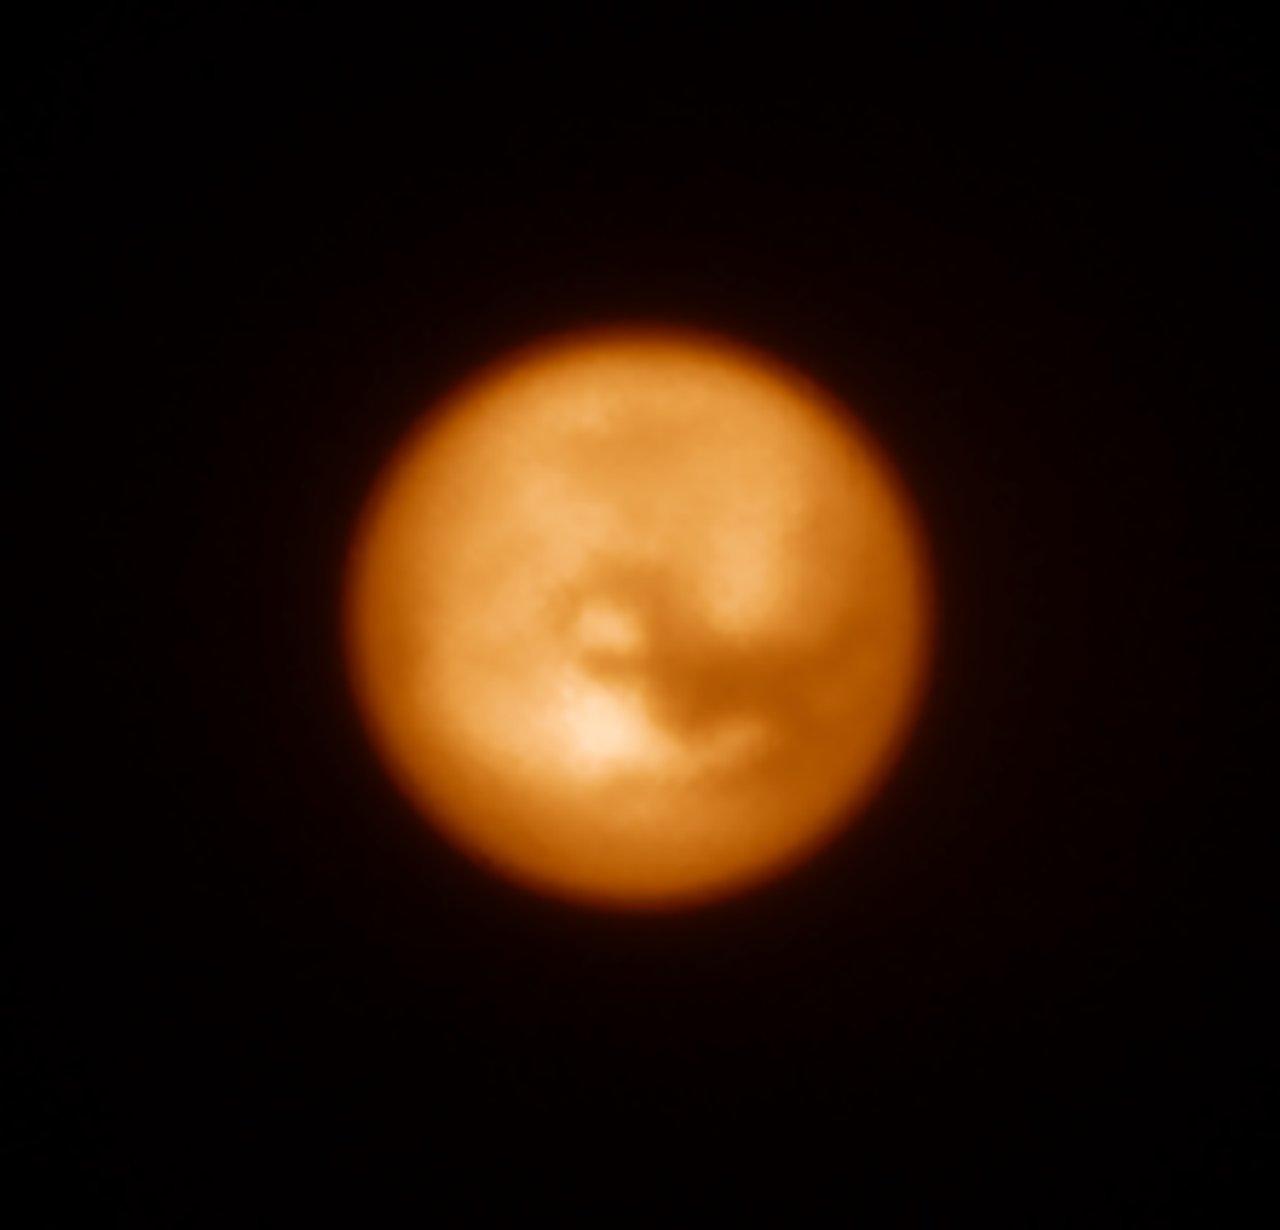 SPHERE-Aufnahme vom Saturnmond Titan